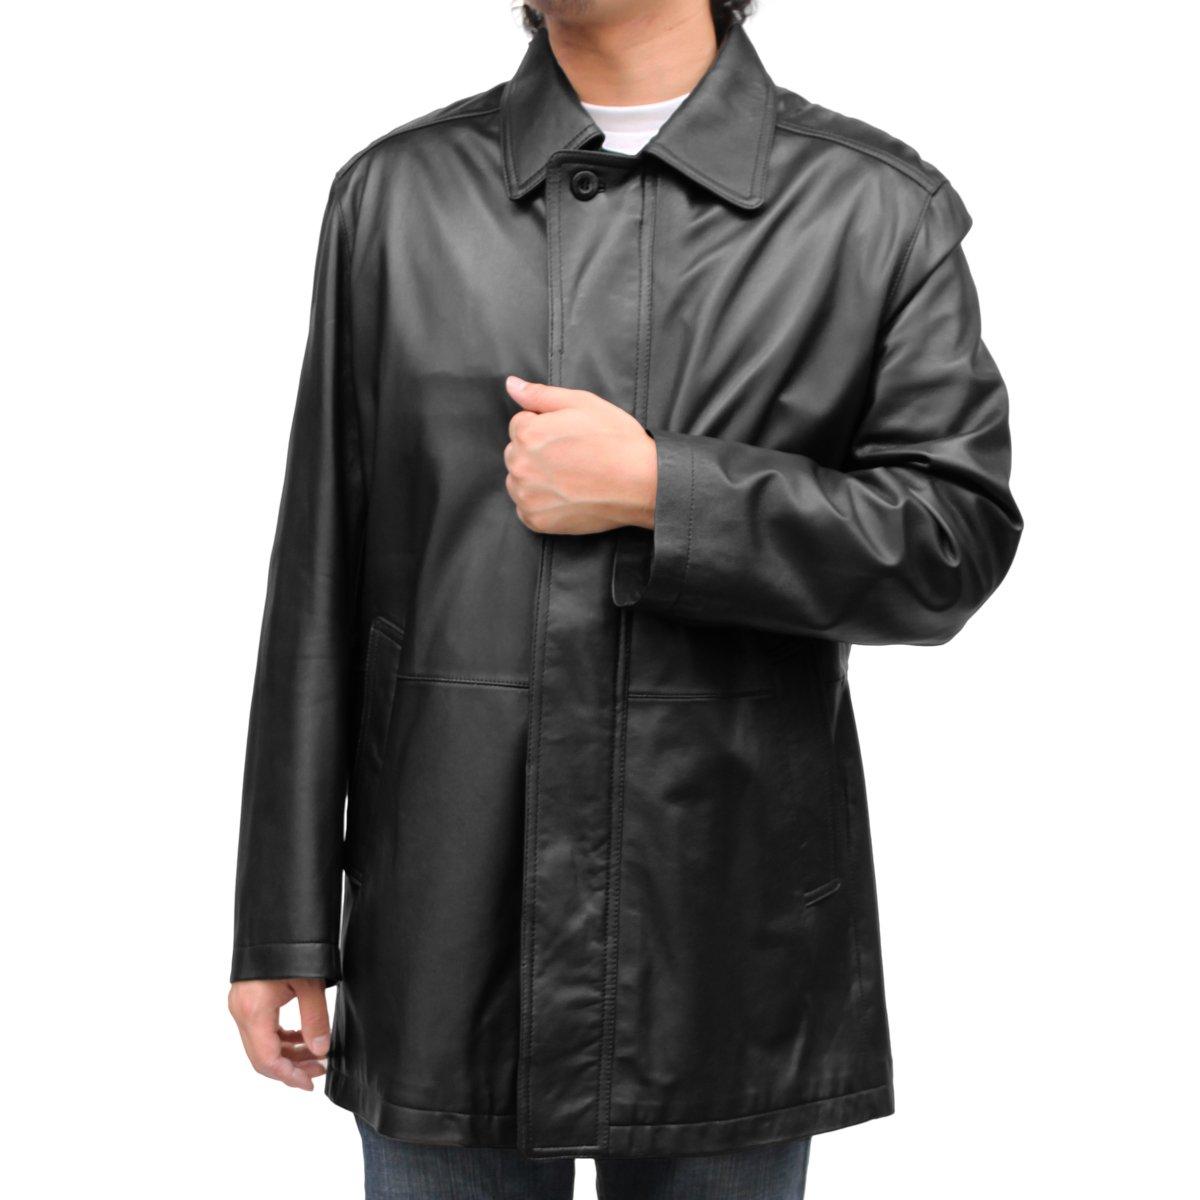 (メンズ レザーハーフコート) ステンカラー ハーフ レザーコート (6017) B00OUNWQB4 5L|ブラック ブラック 5L